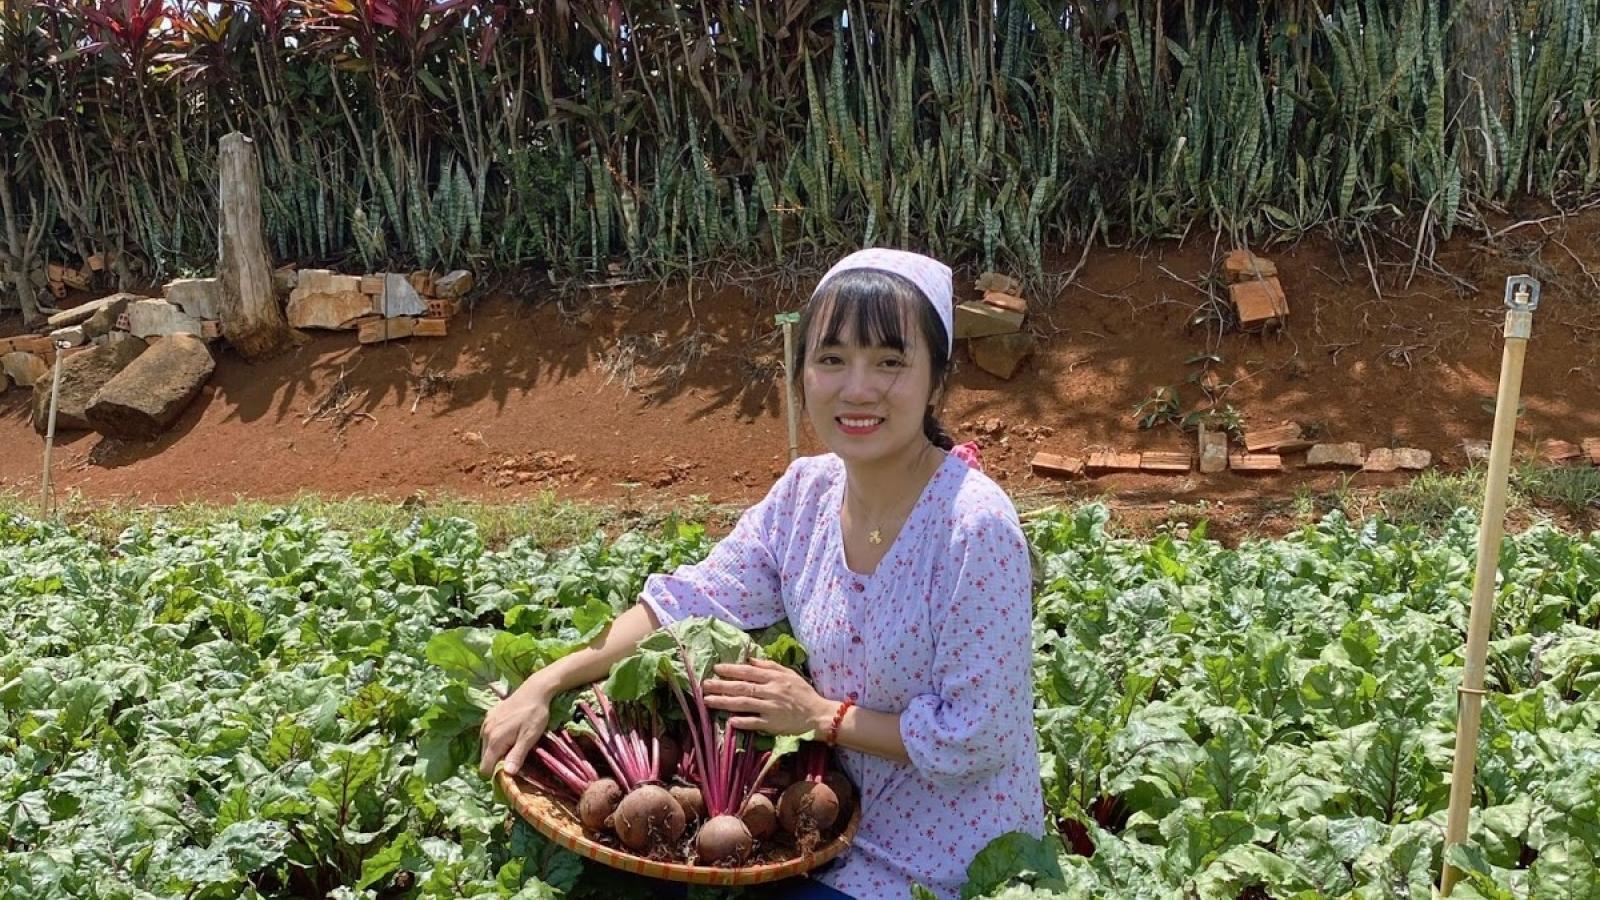 """Ngô Mỹ Hạnh - cô nông dân """"vẽ ước mơ"""" cho chị em phụ nữ"""